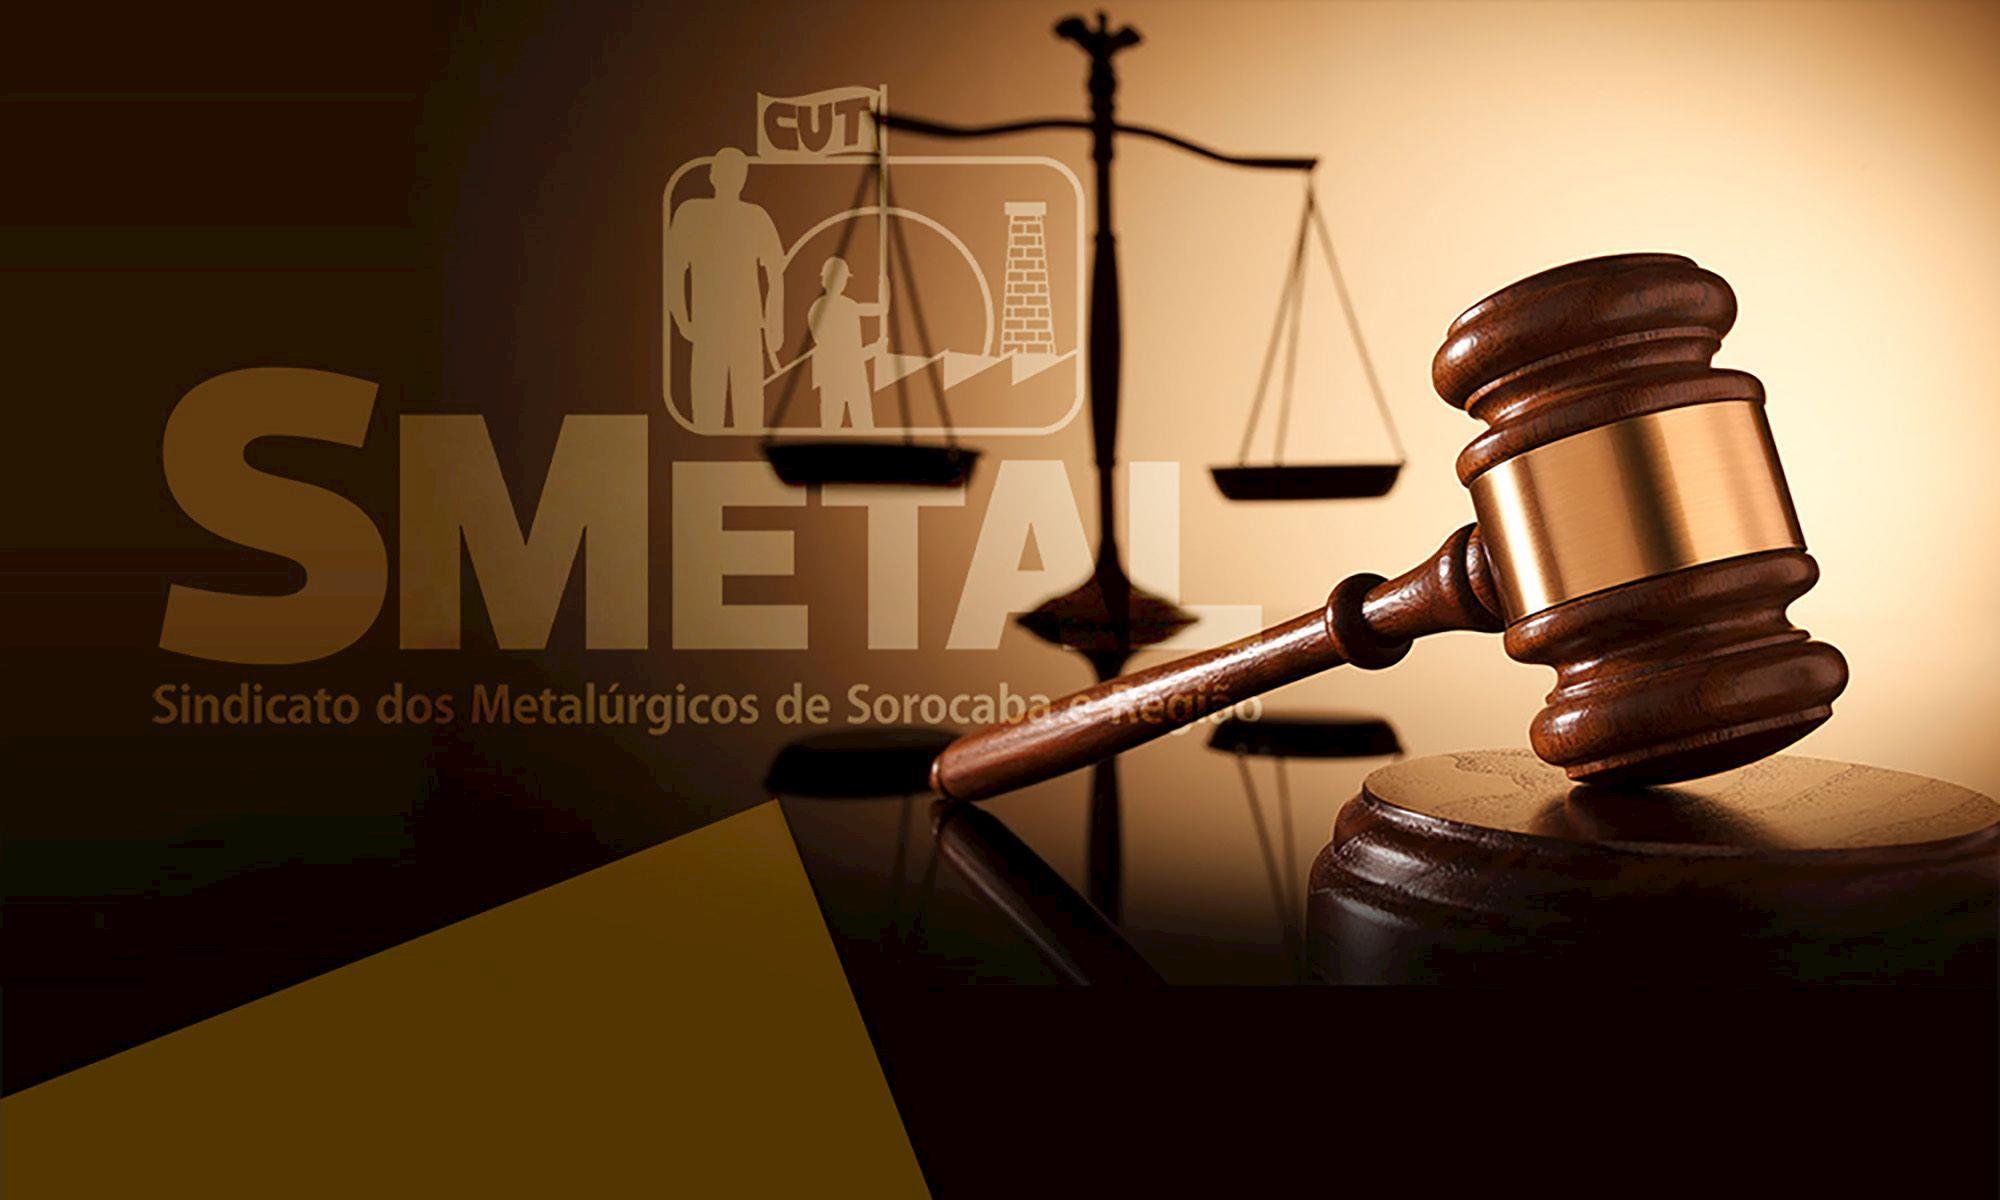 jurídico, smetal, sorocaba,, Divulgação